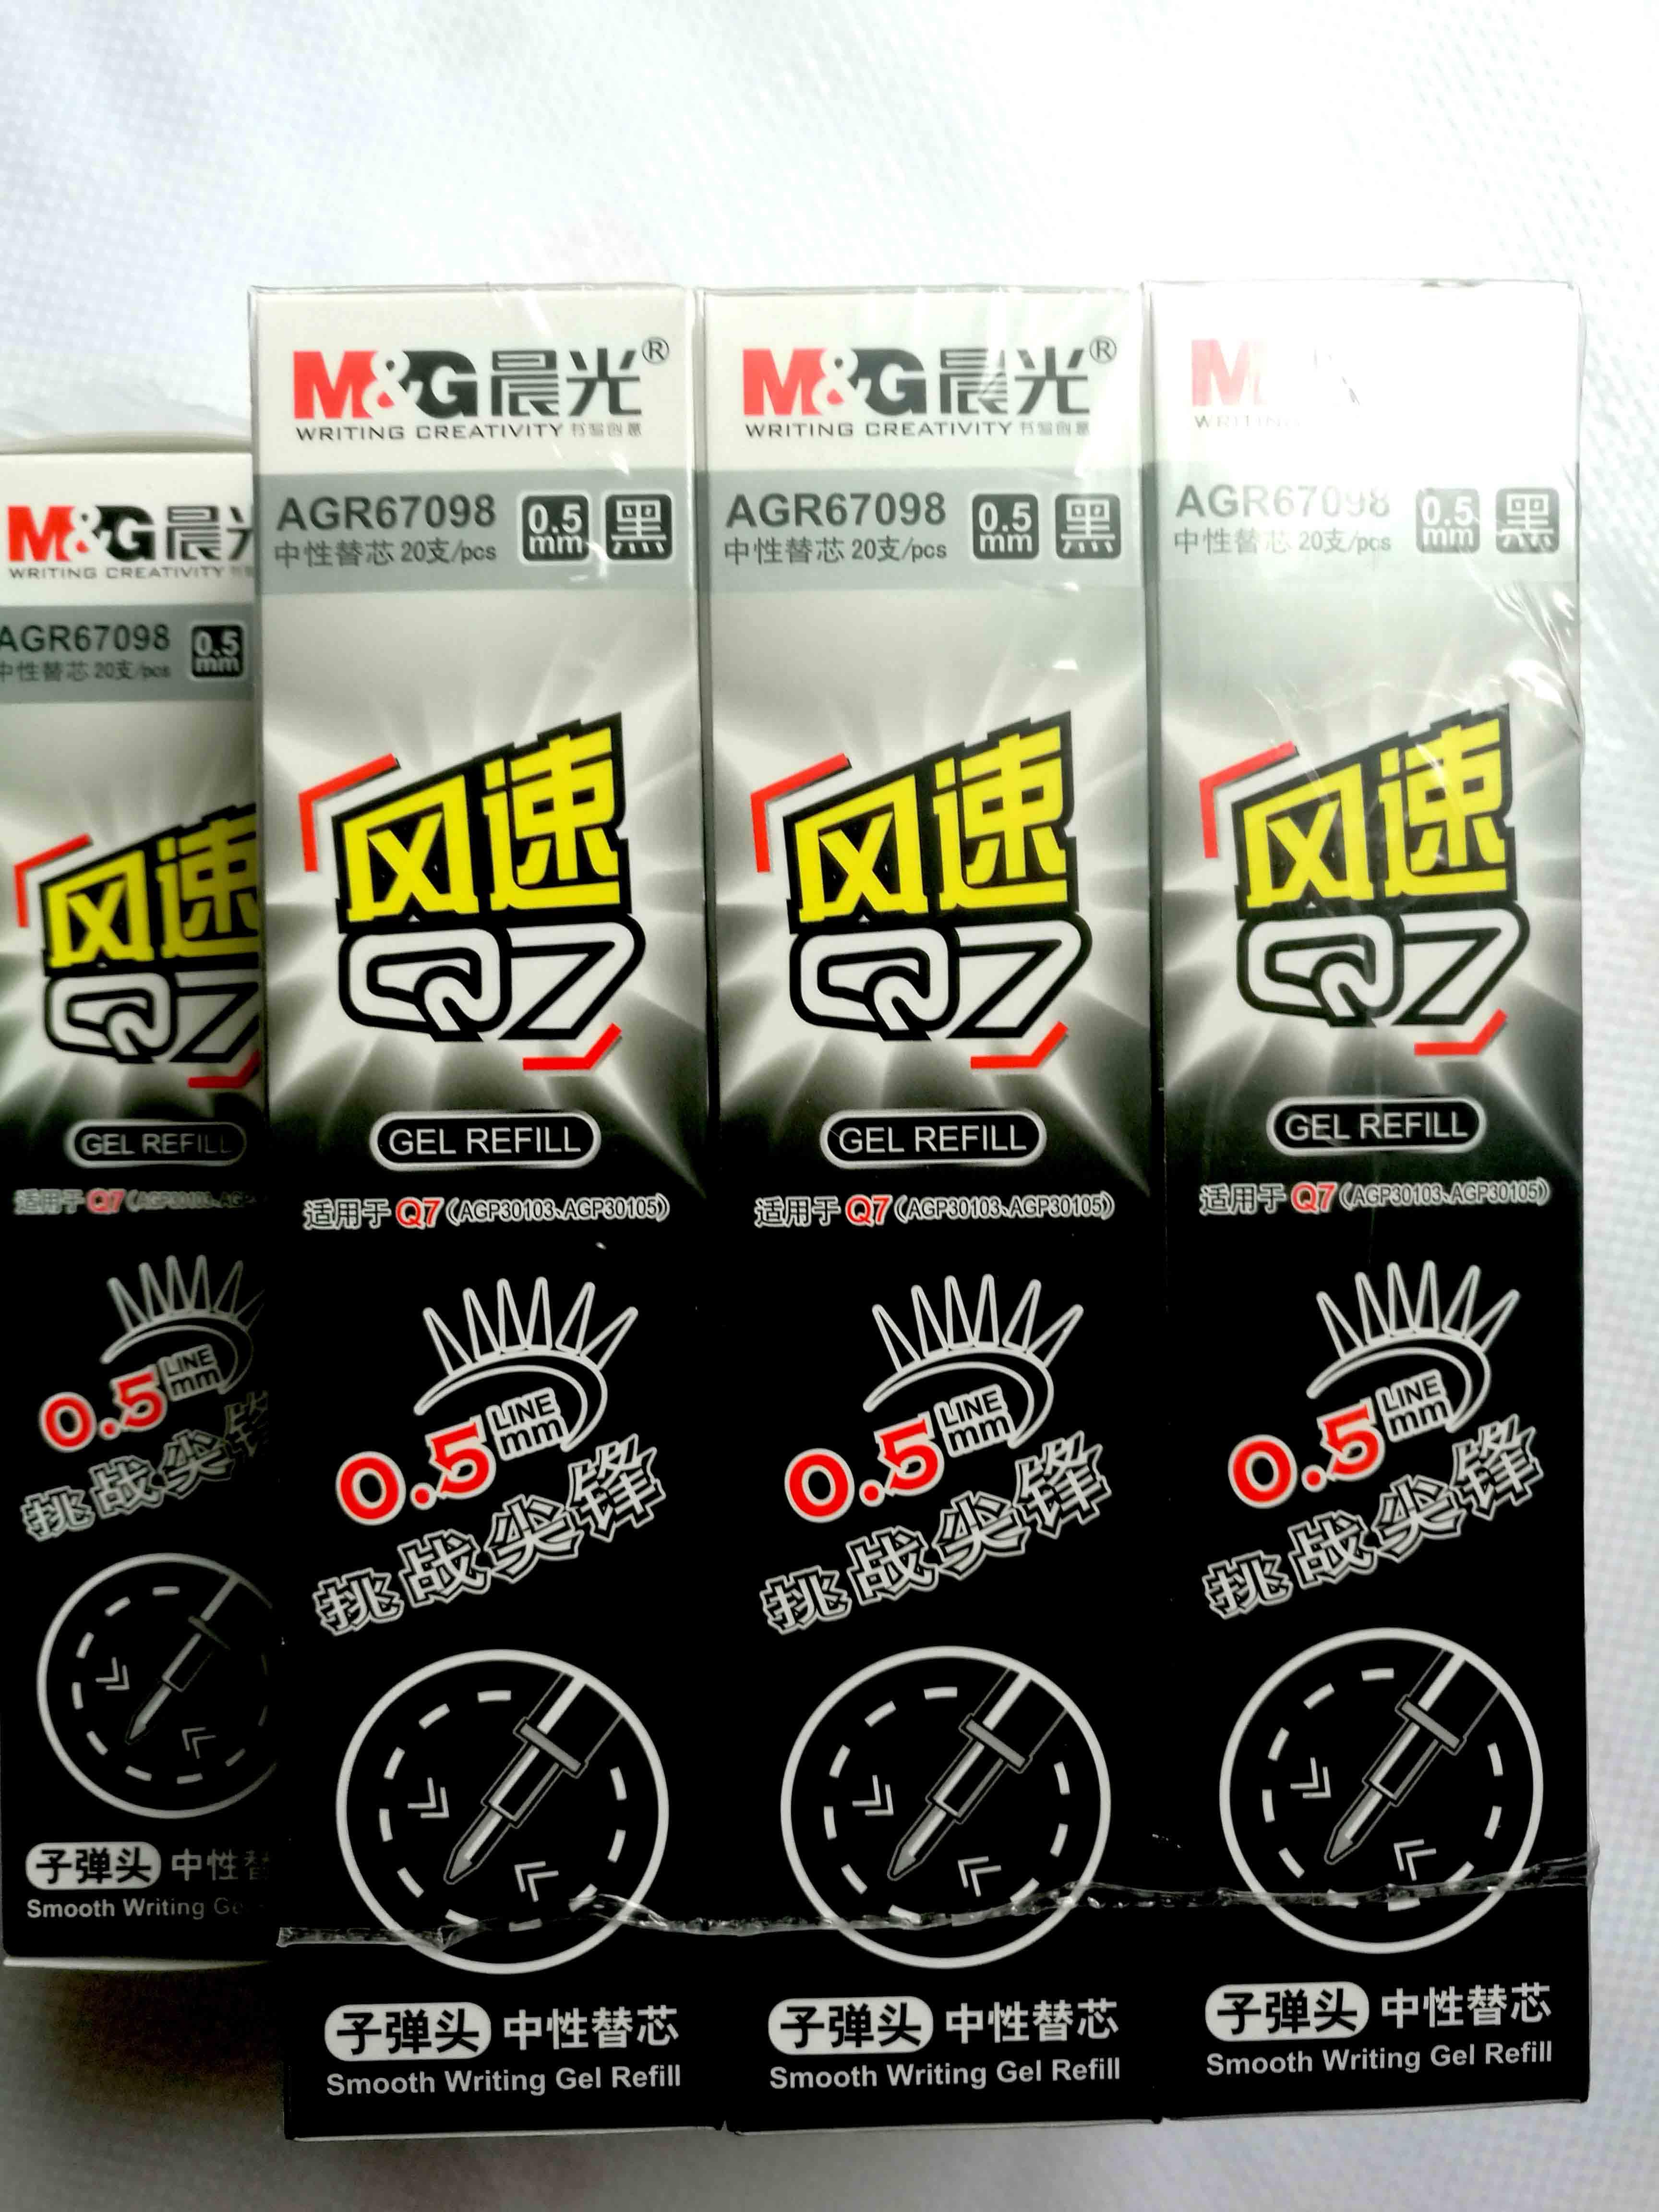 晨光AGR67098笔芯风速Q7(AGP30103\AGP30105)0.5MM子弹头中性替芯单盒20支